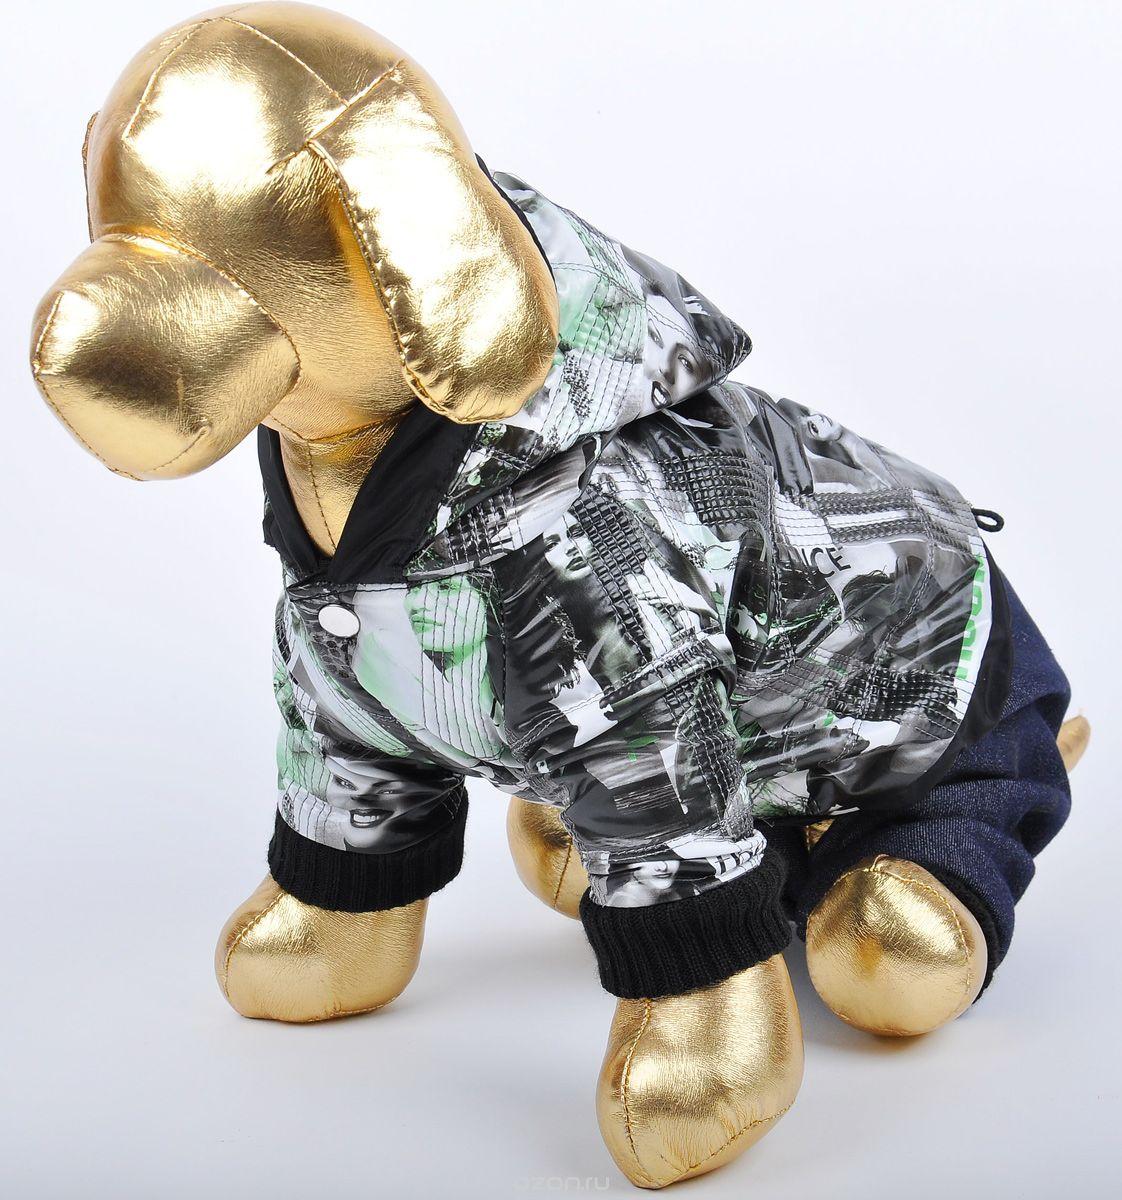 Куртка со штанами для собак GLG Столица. Размер MDM-160325_бежевыйКуртка с джинсовыми штанами для собак столица, материал куртка болонья, штаны джинса х/б, размер-M, длина спины27-29см, объем груди-37-39см.